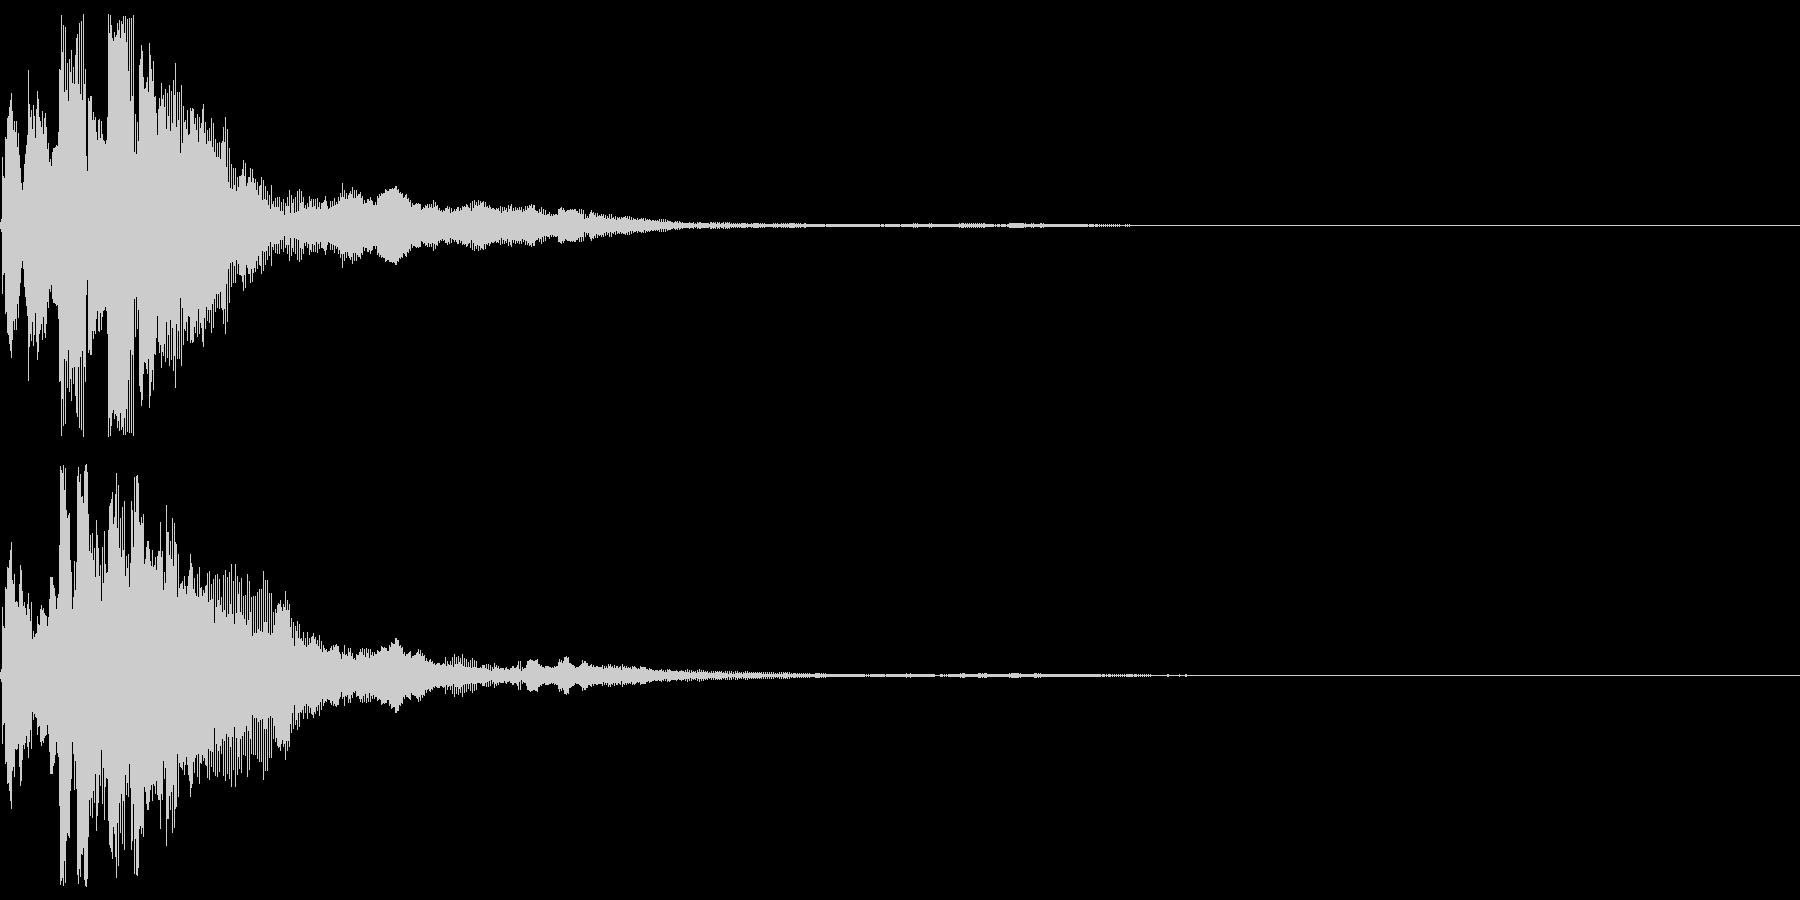 ピコン 雫のような瑞々しいボタン音の未再生の波形